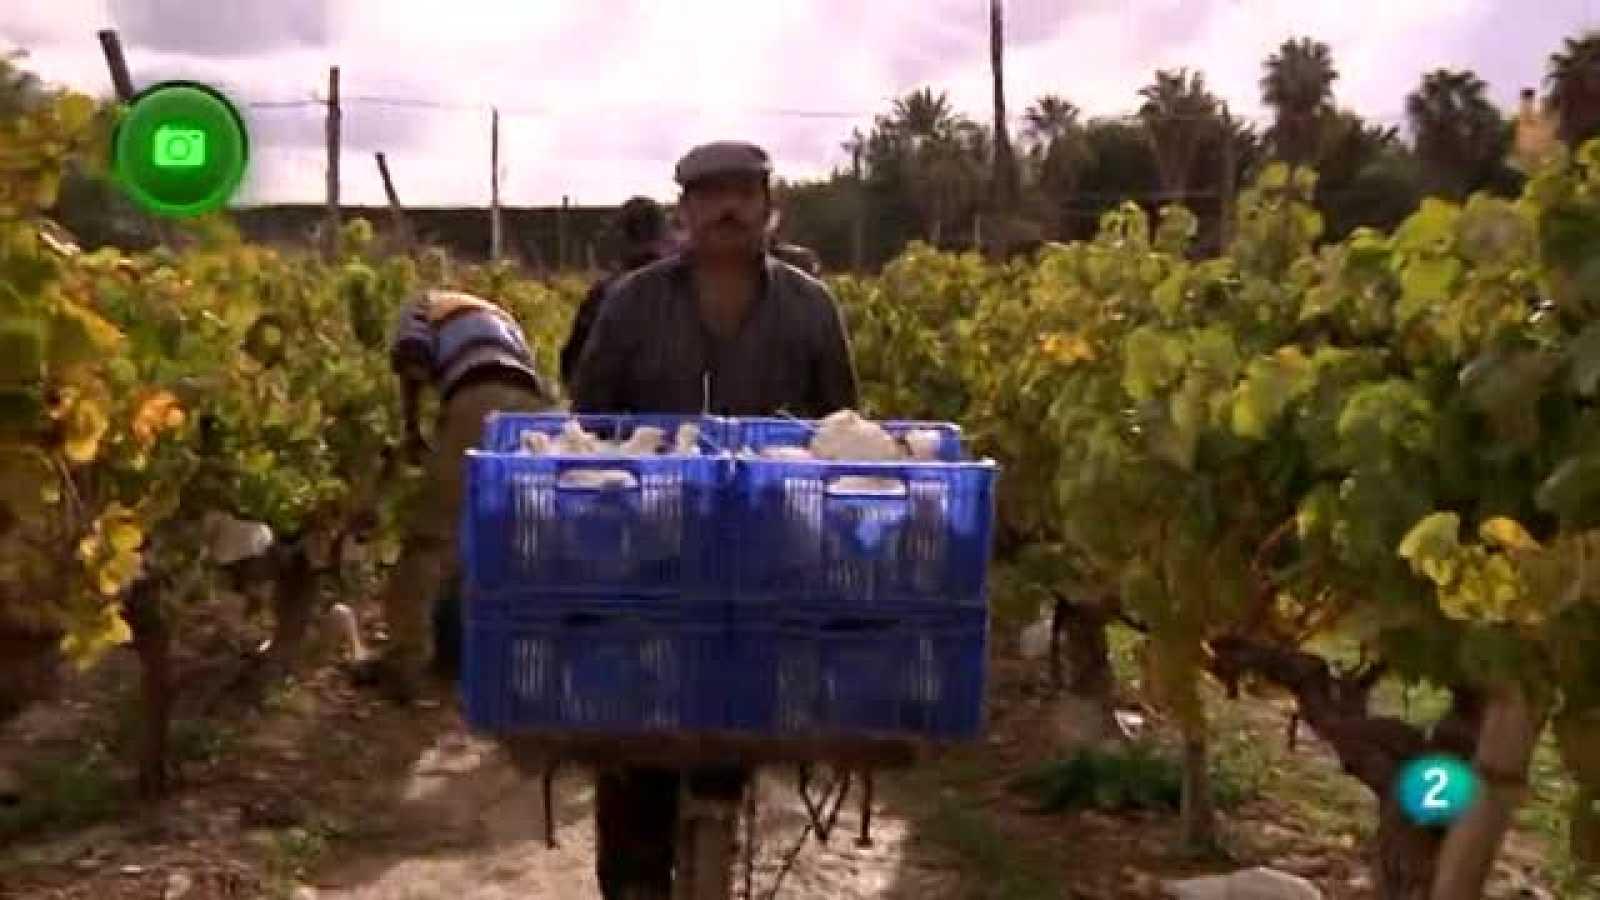 Agrosfera - En clave rural - Novelda, Alicante